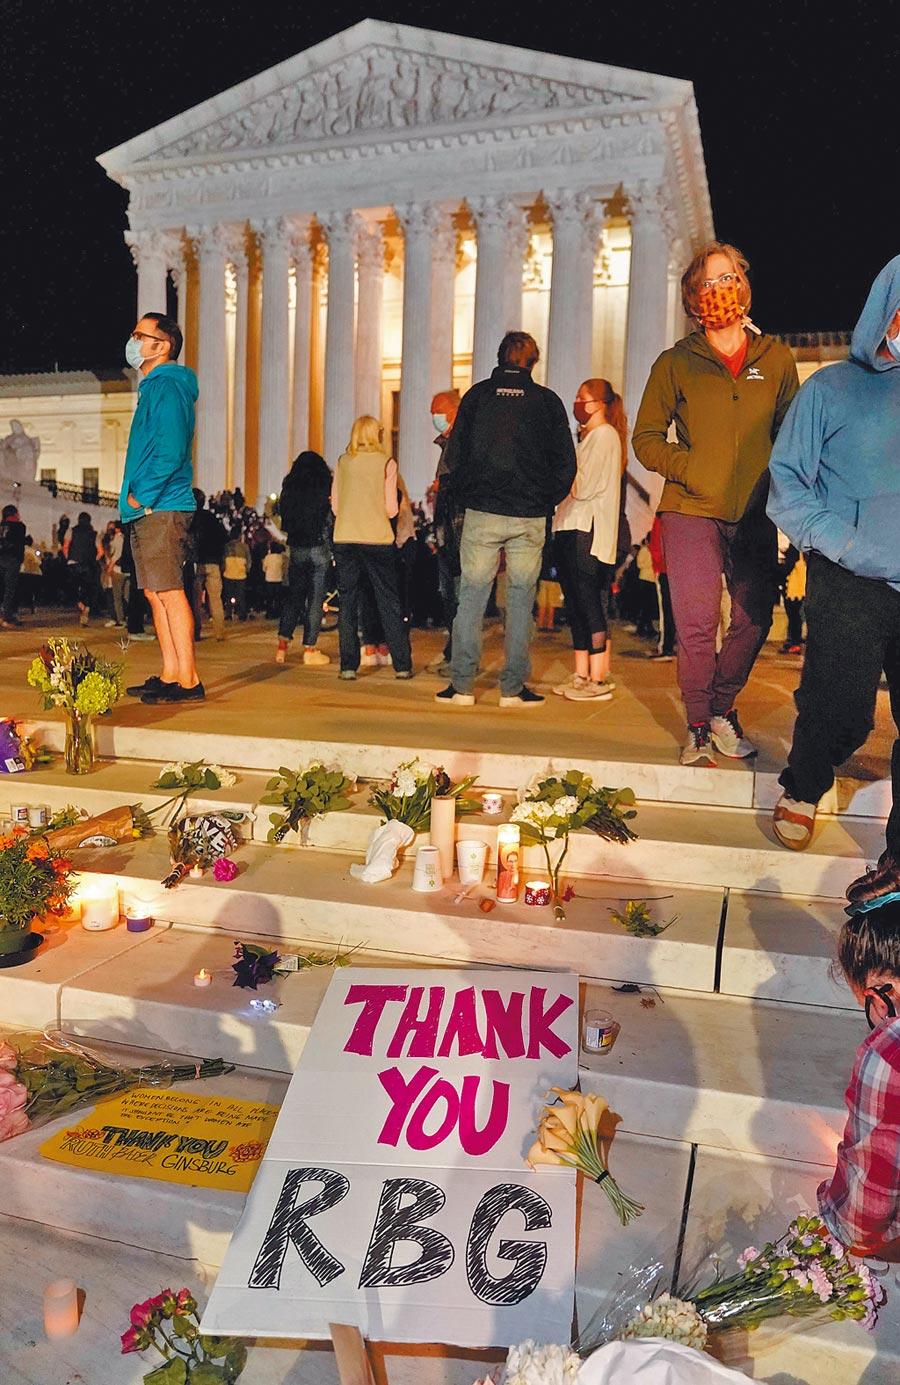 美國聯邦最高法院大法官金斯柏格(Ruth Bader Ginsburg)癌症逝世後,民眾18日在華府最高法院前方階梯,放上表示感謝與哀悼之意的鮮花與海報。(路透)